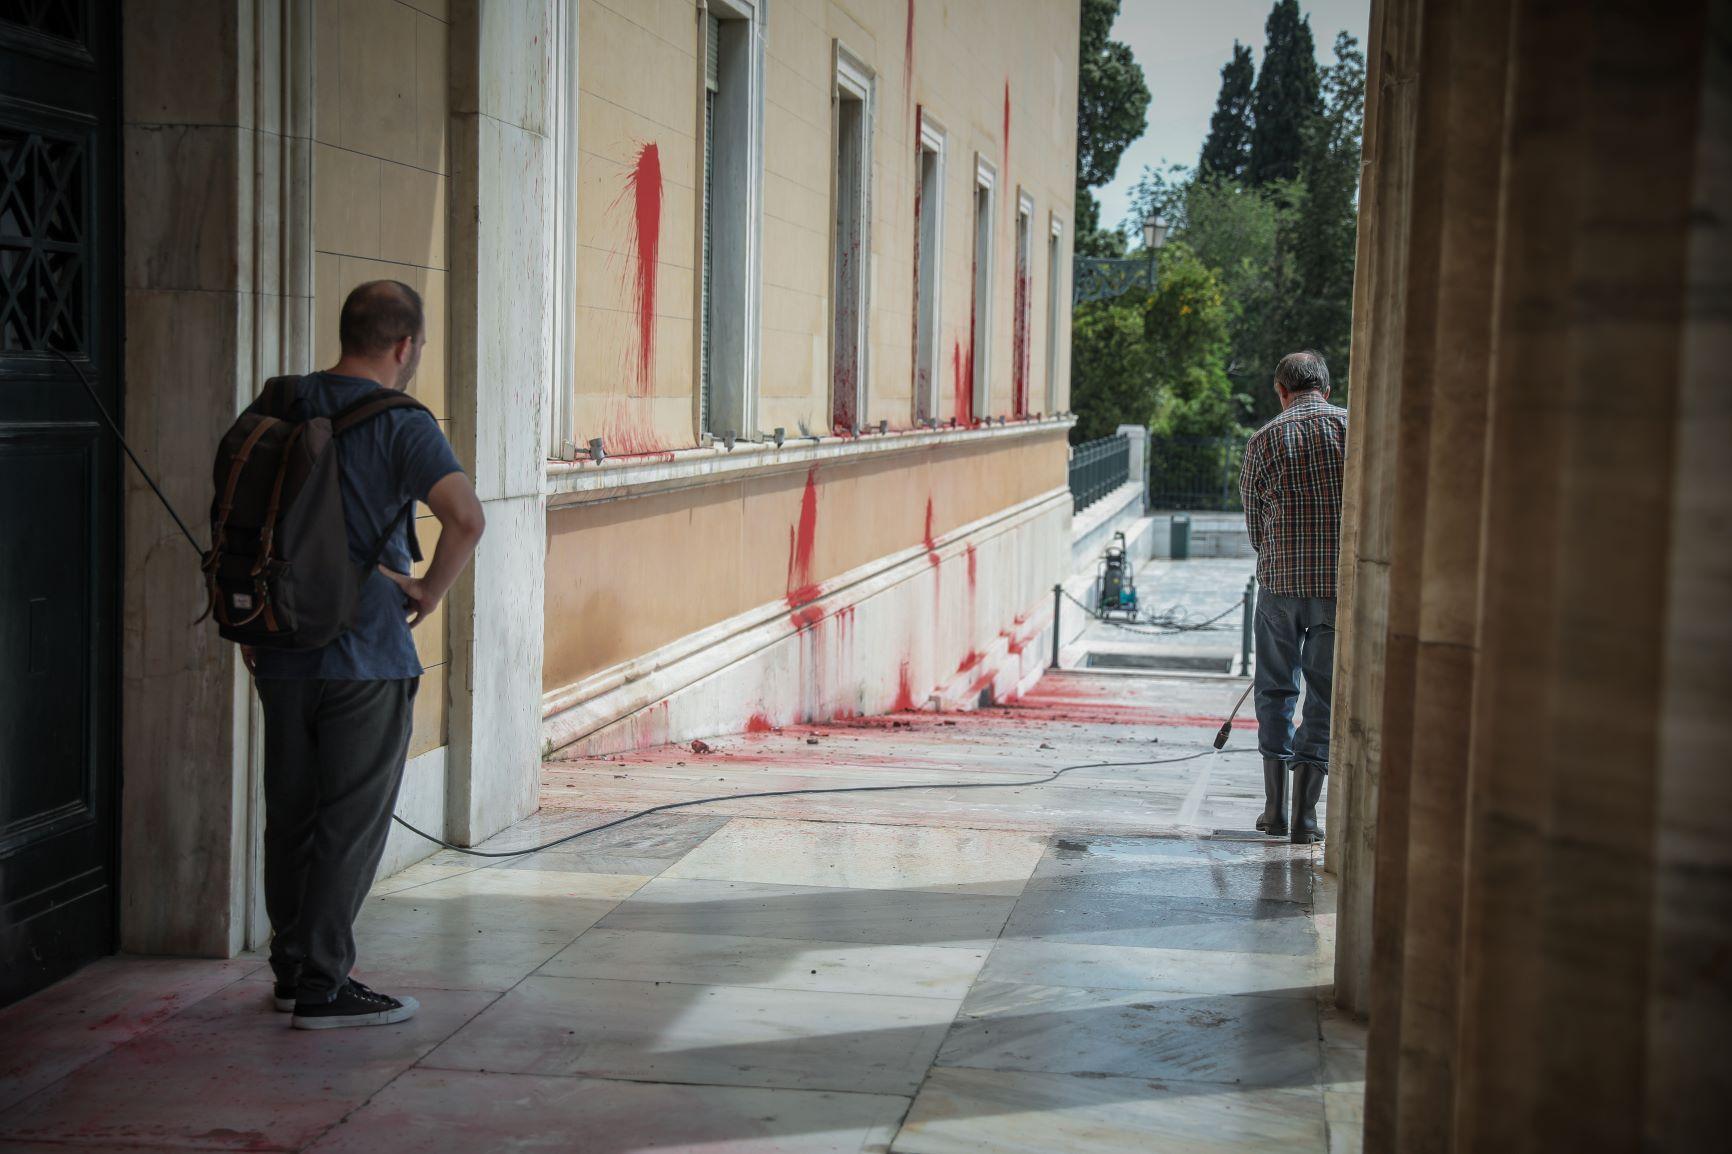 Επίθεση Ρουβίκωνα στη Βουλή: Βρέθηκε σακίδιο με μπογιά – Εξετάζεται για DNA και αποτυπώματα